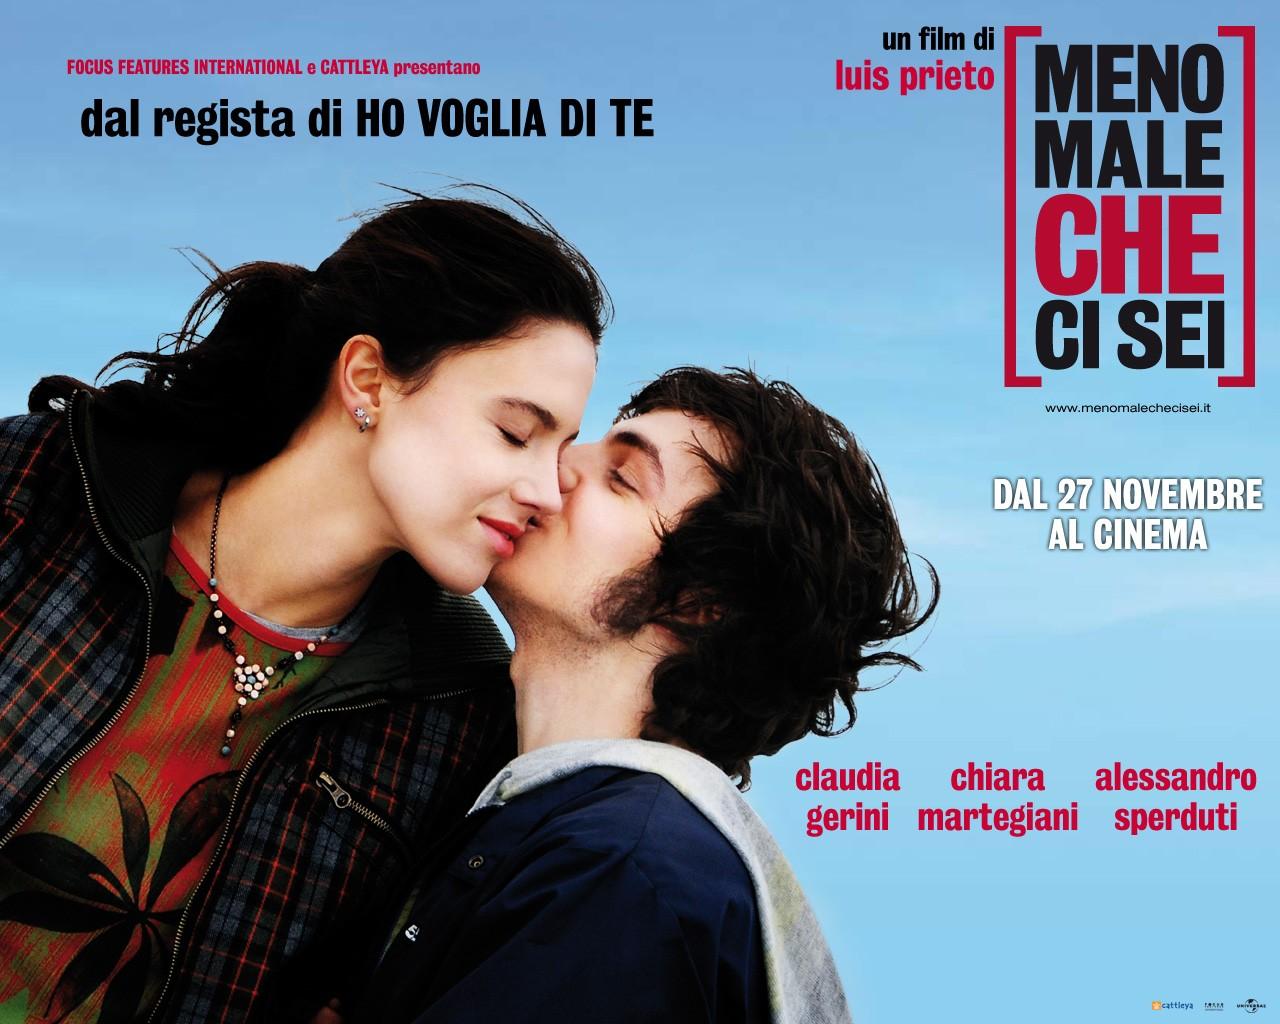 Wallpaper: Claudia Gerini e Alessandro Sperduti nel film Meno male che ci sei